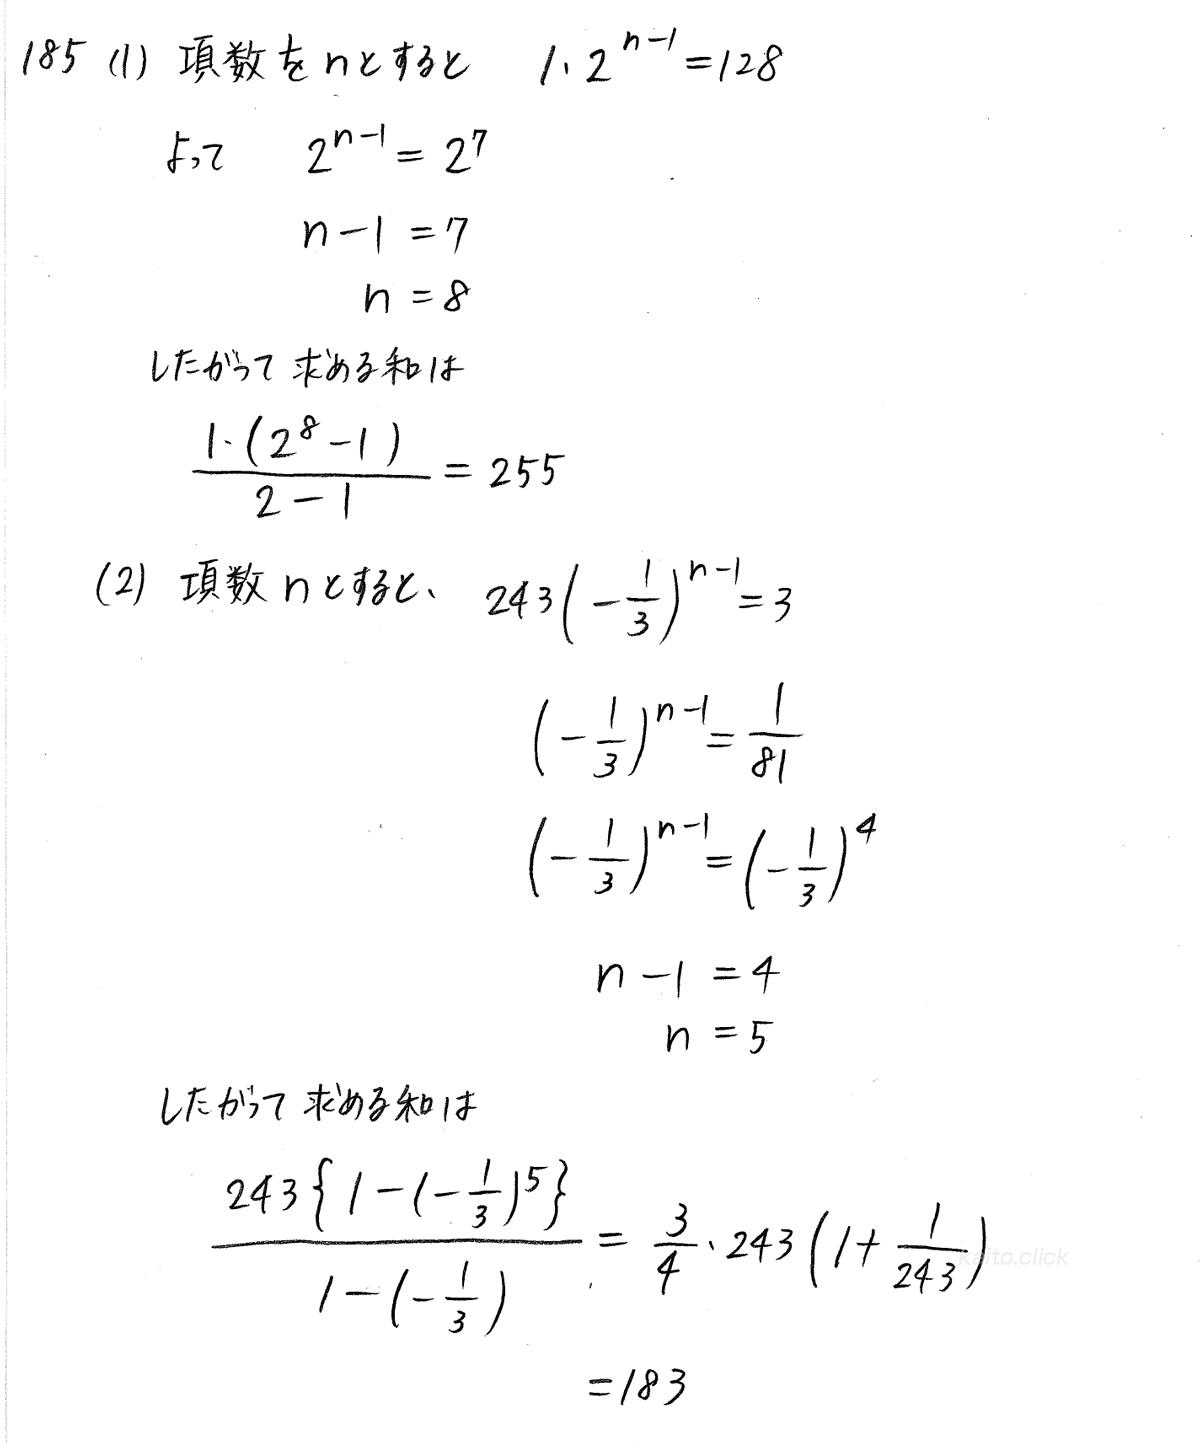 クリアー数学B-185解答